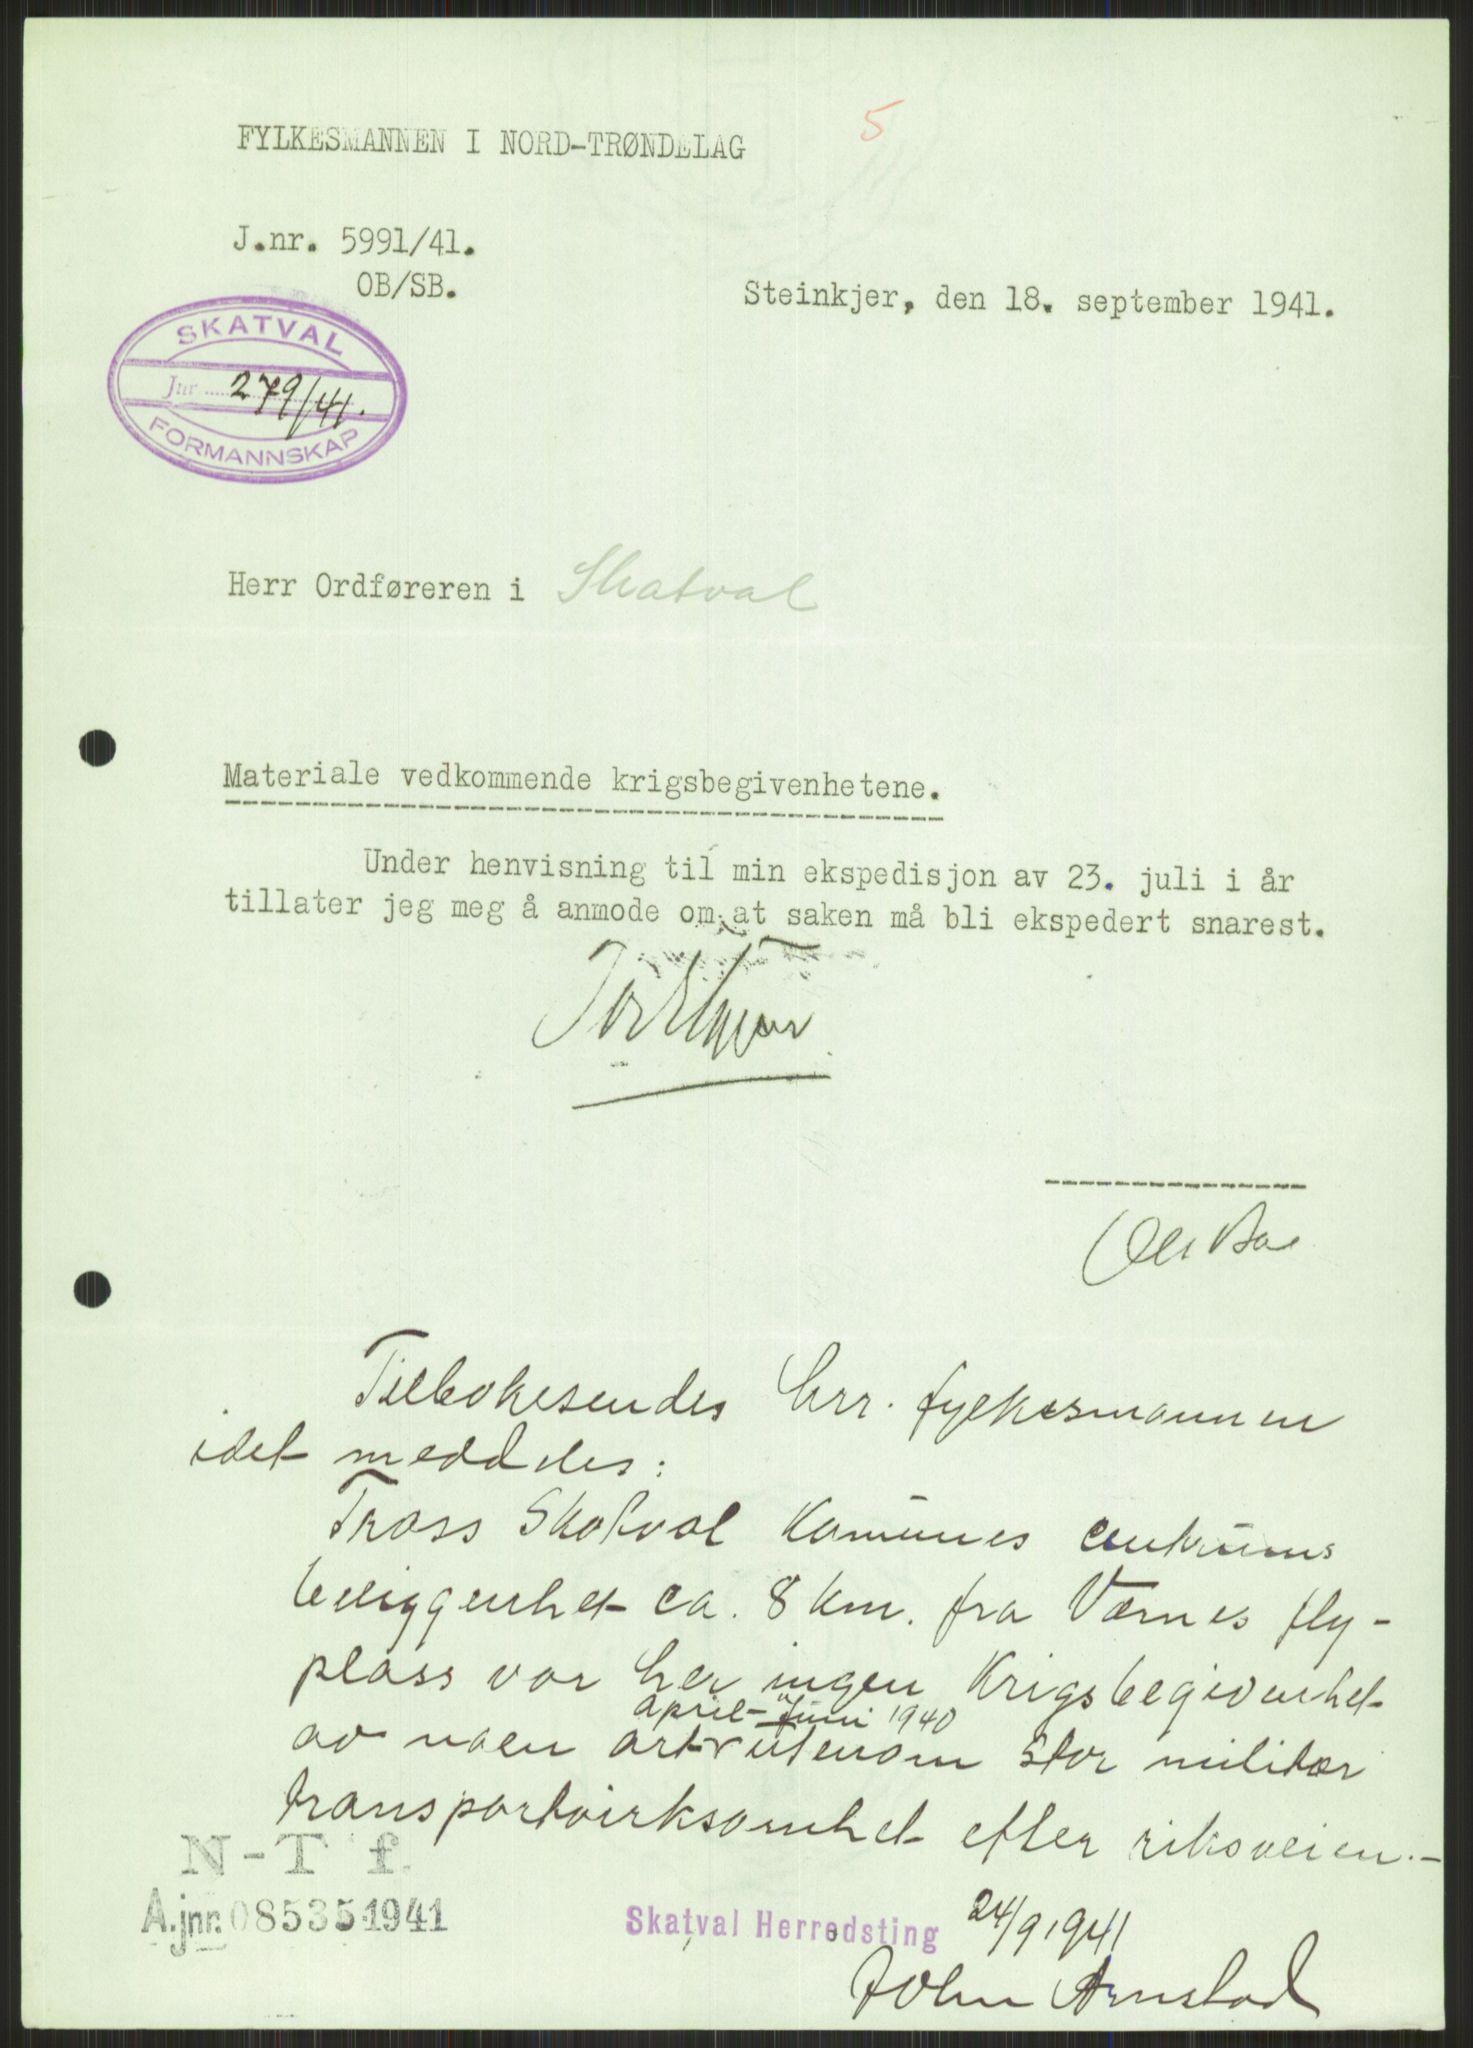 RA, Forsvaret, Forsvarets krigshistoriske avdeling, Y/Ya/L0016: II-C-11-31 - Fylkesmenn.  Rapporter om krigsbegivenhetene 1940., 1940, s. 561